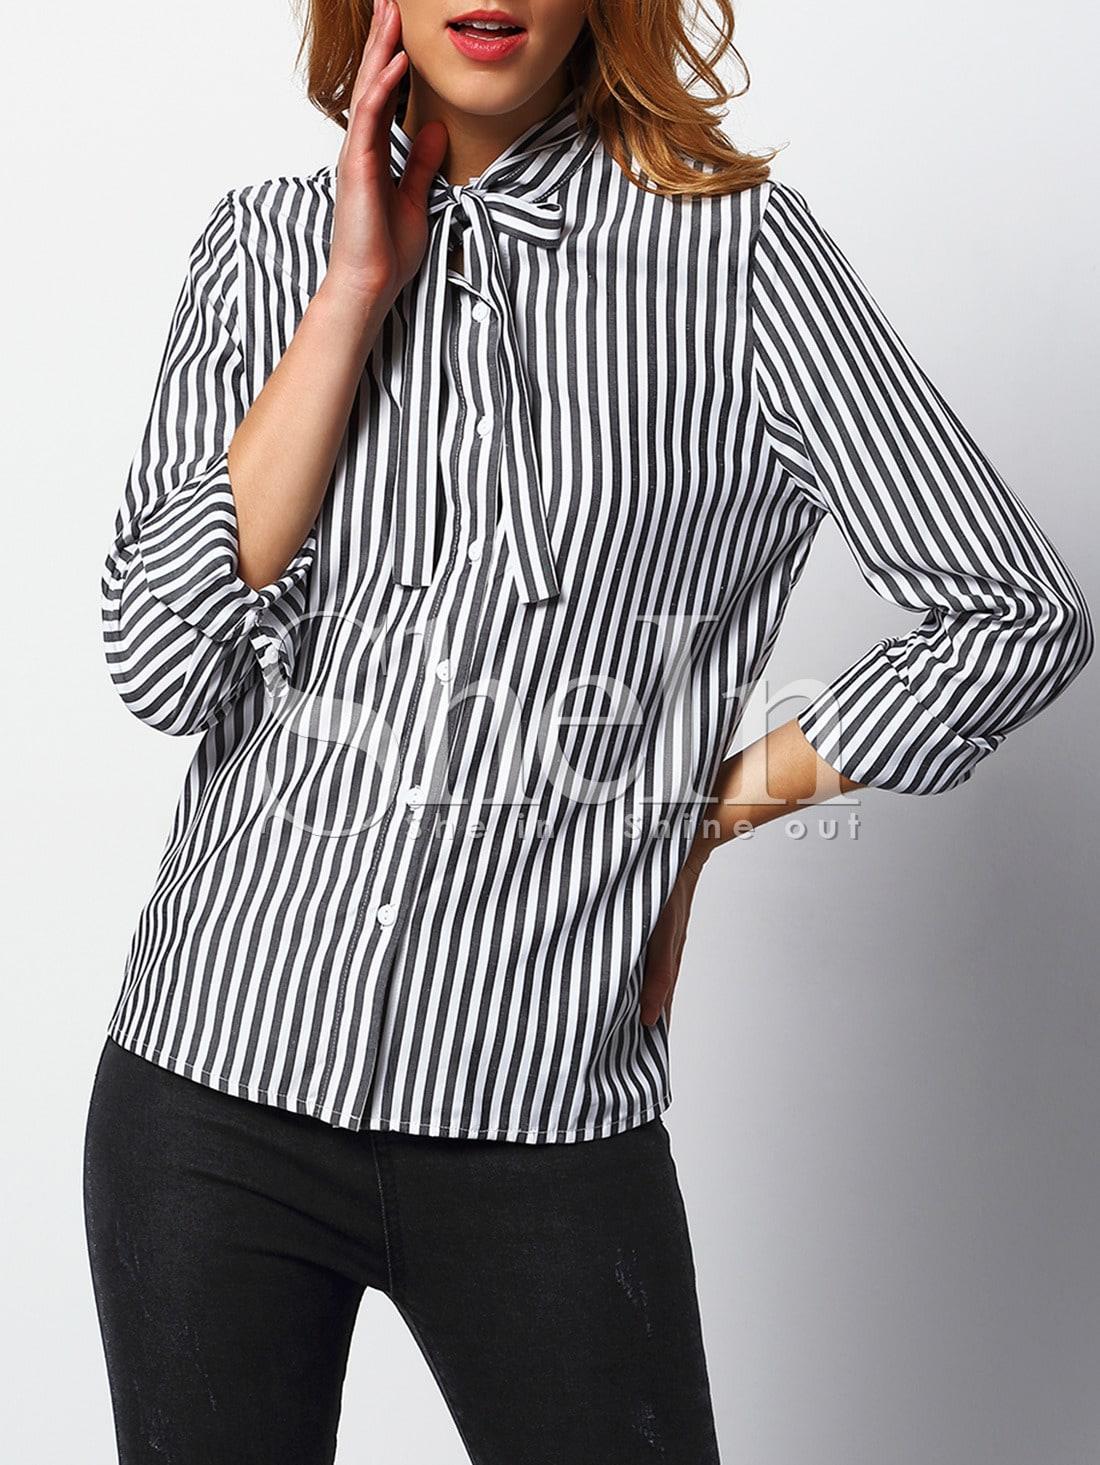 Блузка Черно Белая Полоска Купить